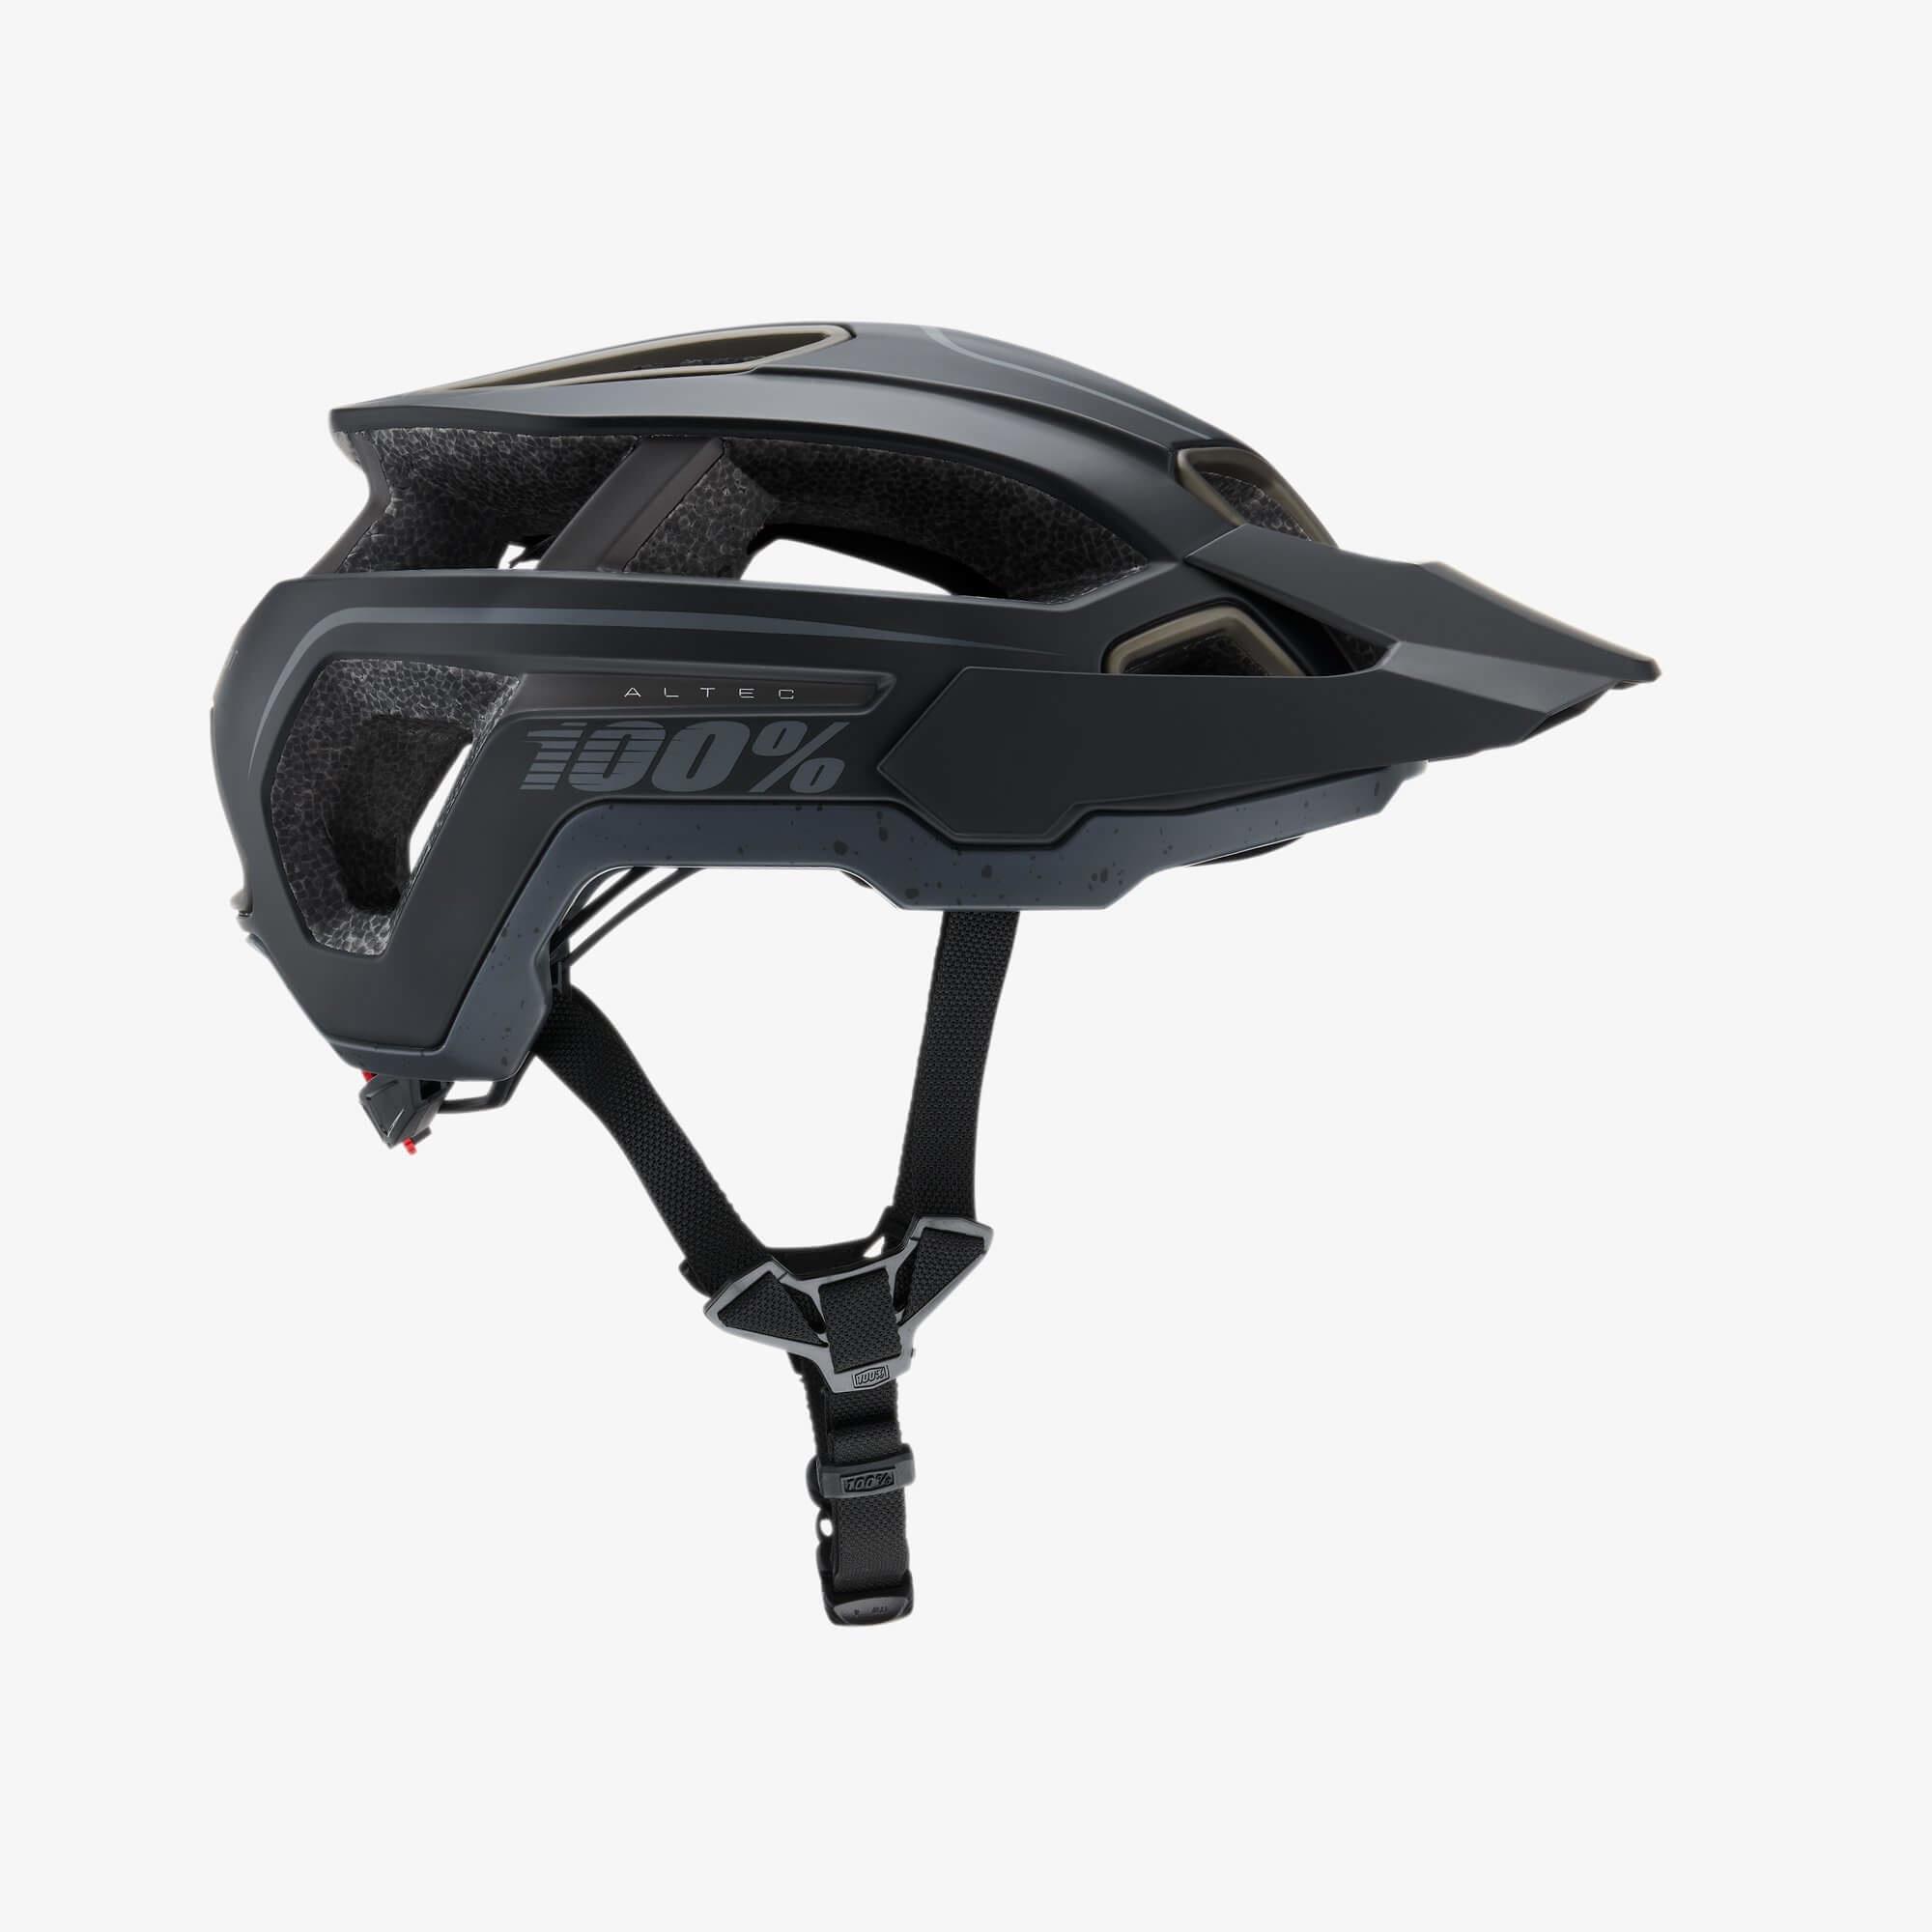 Altec Helmet-5